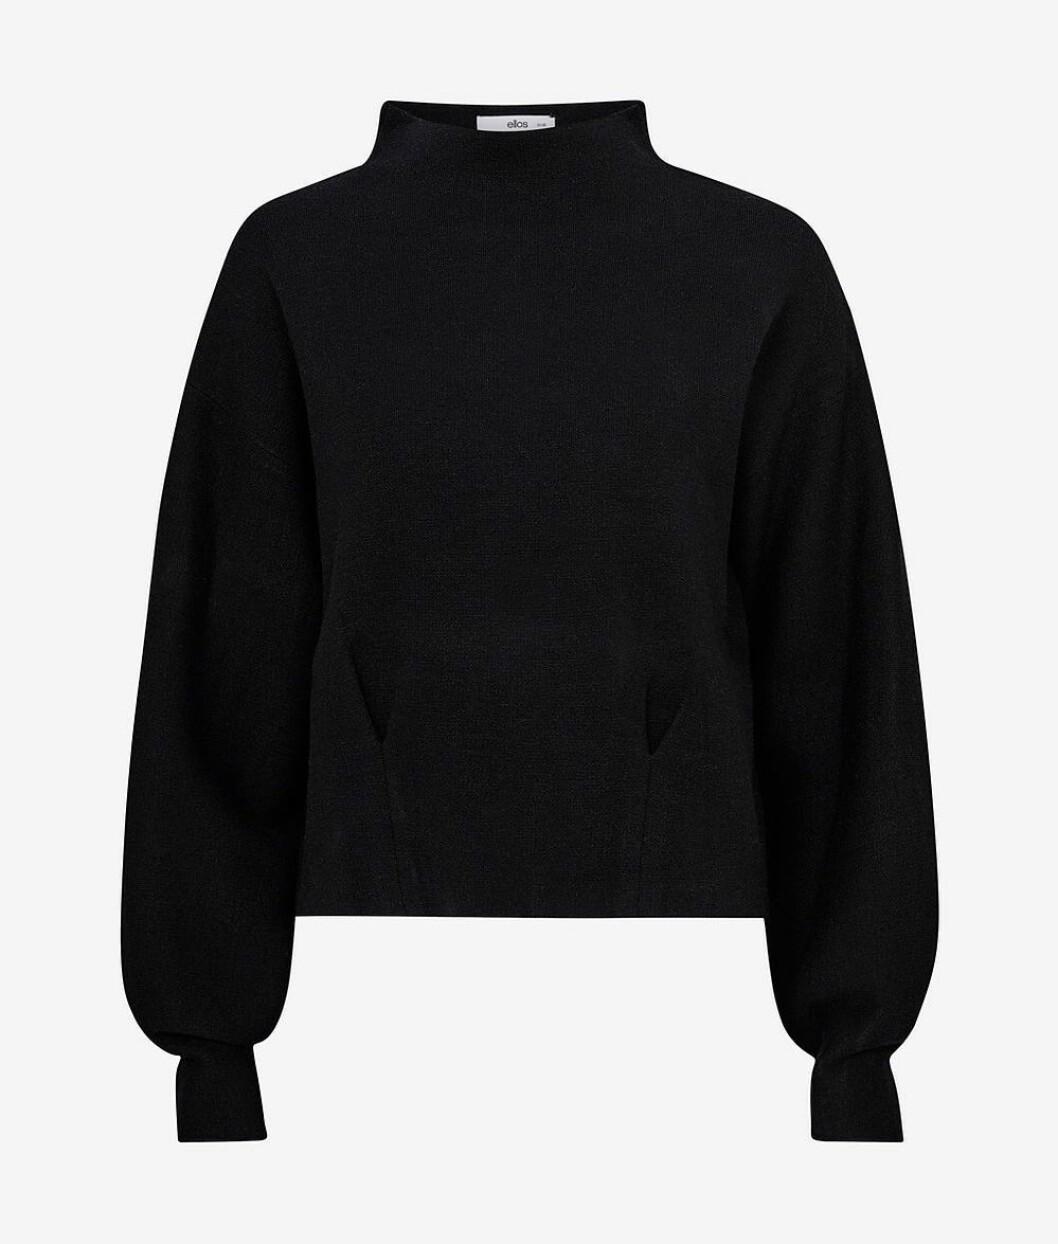 Svart stickad tröja från Ellos